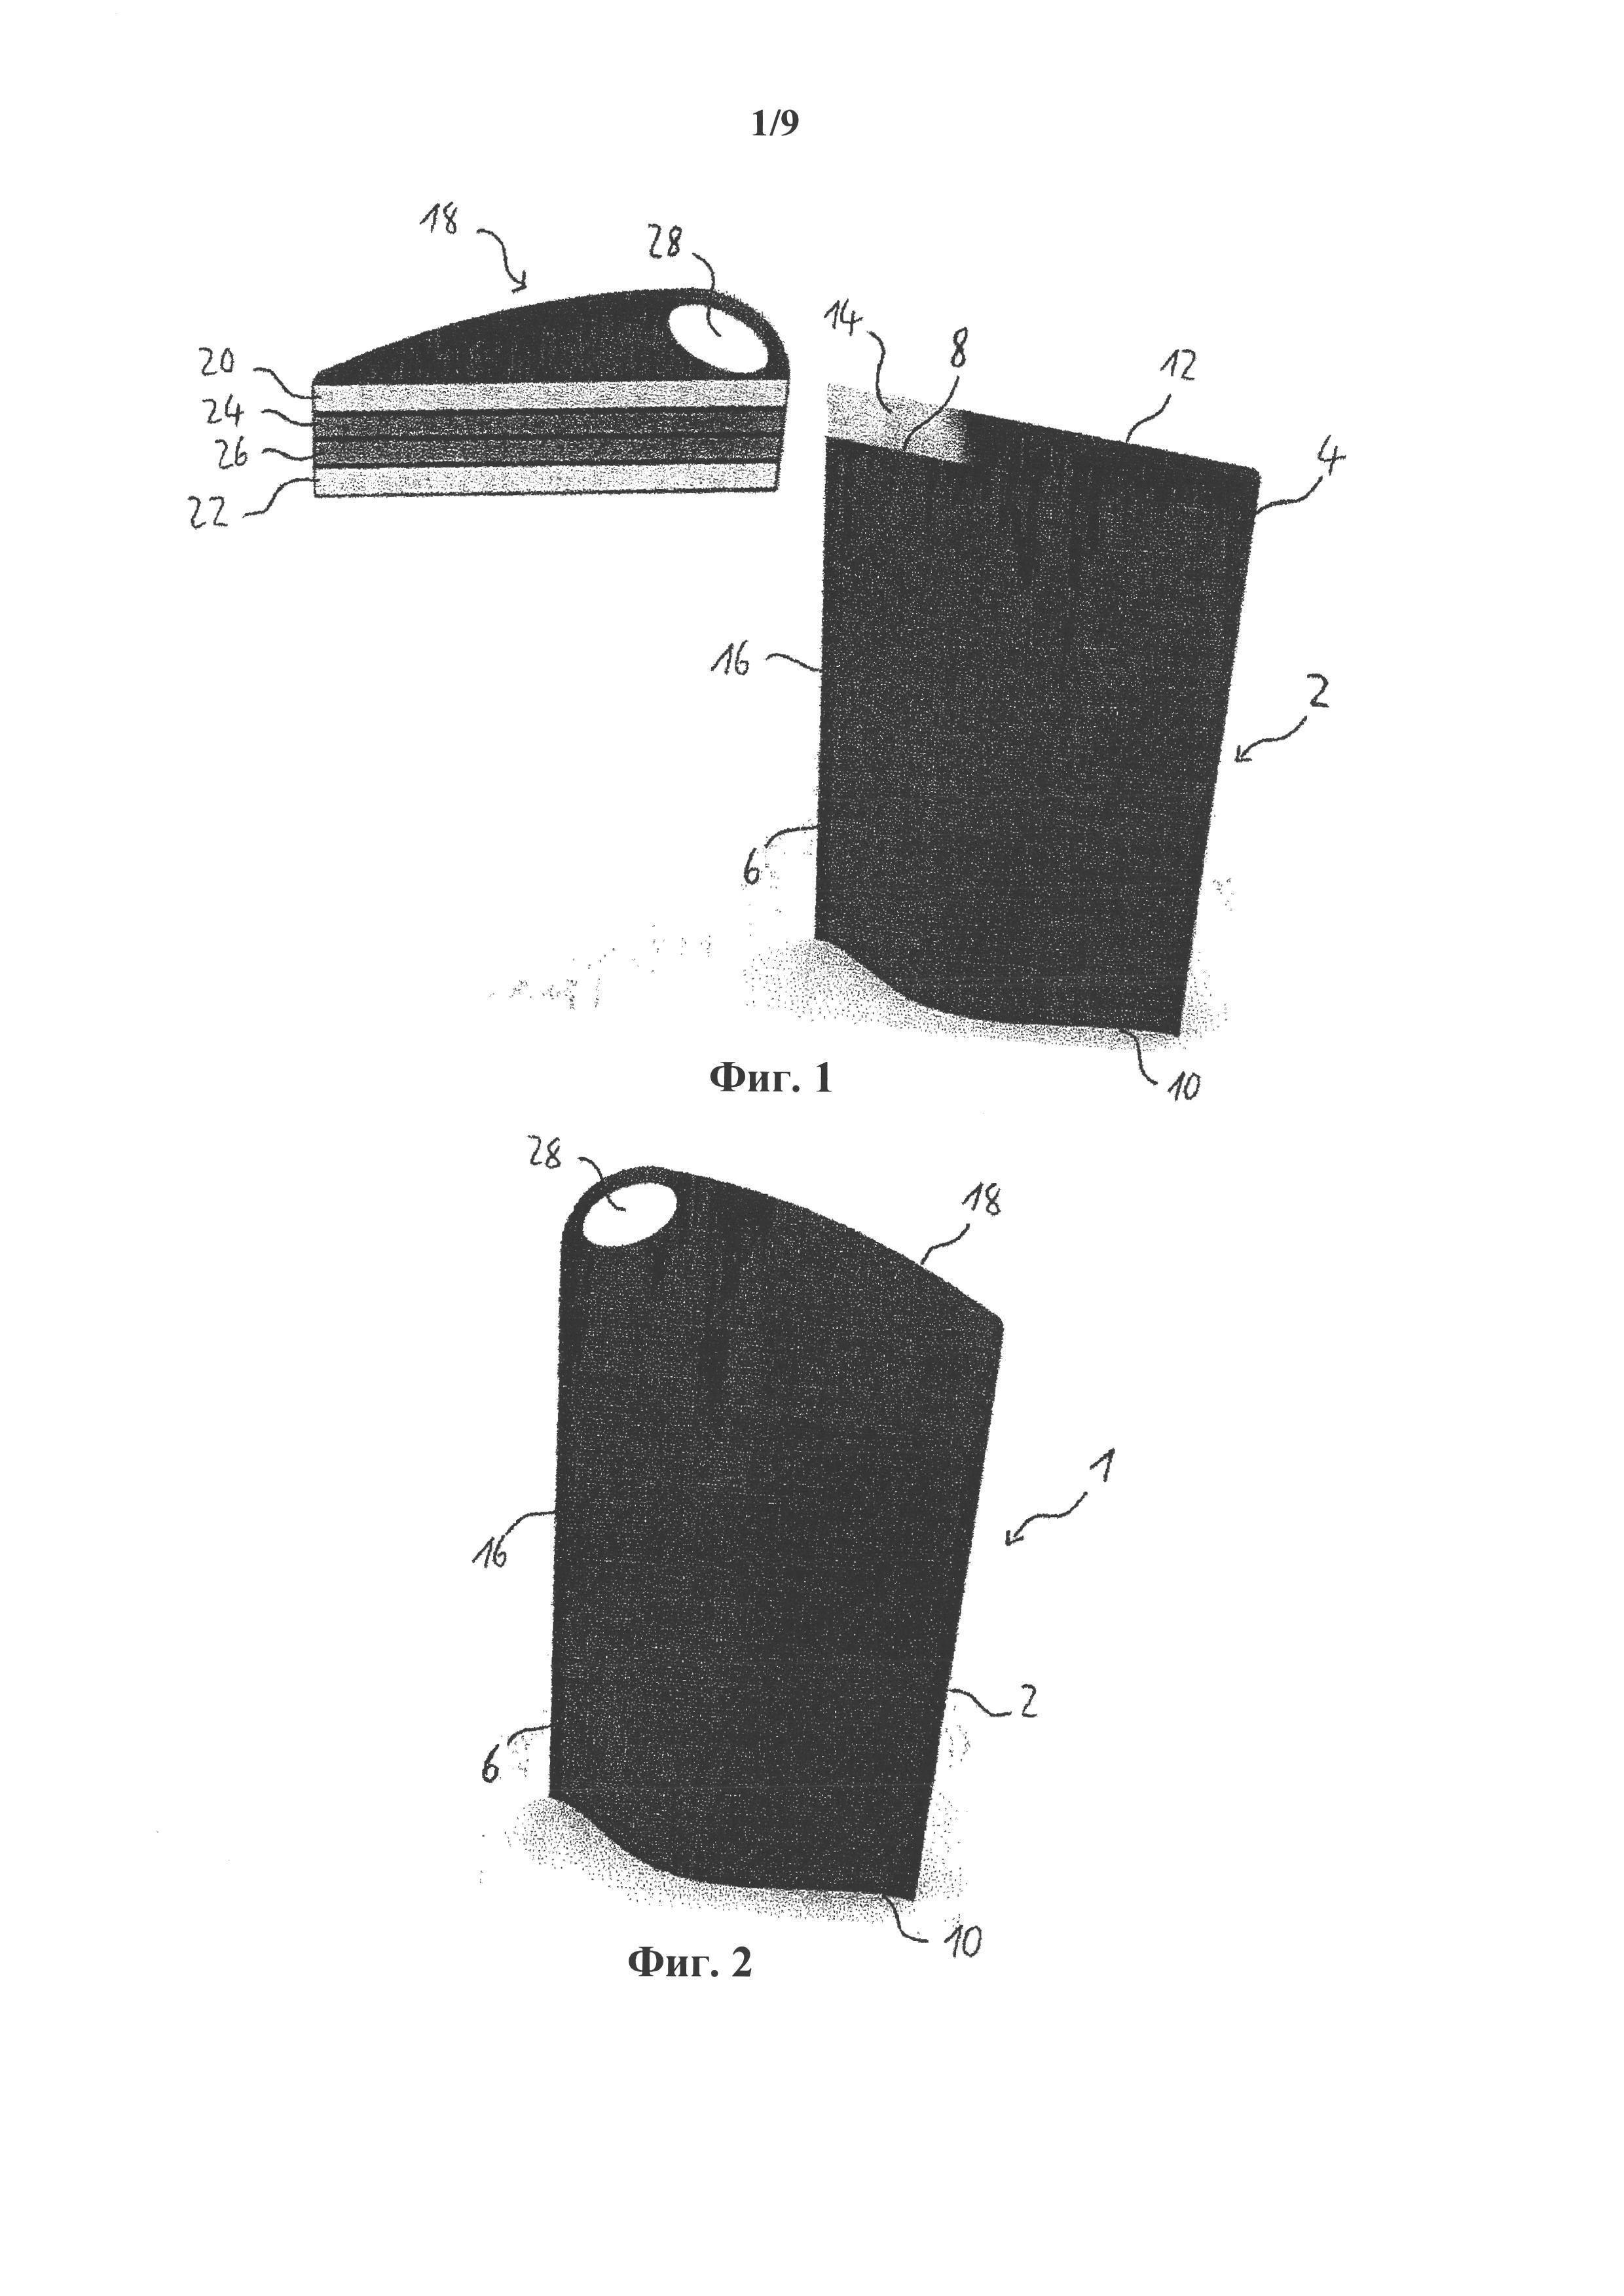 Повторно запечатываемая упаковка, способ изготовления повторно запечатываемой упаковки и устройство для производства повторно запечатываемой упаковки